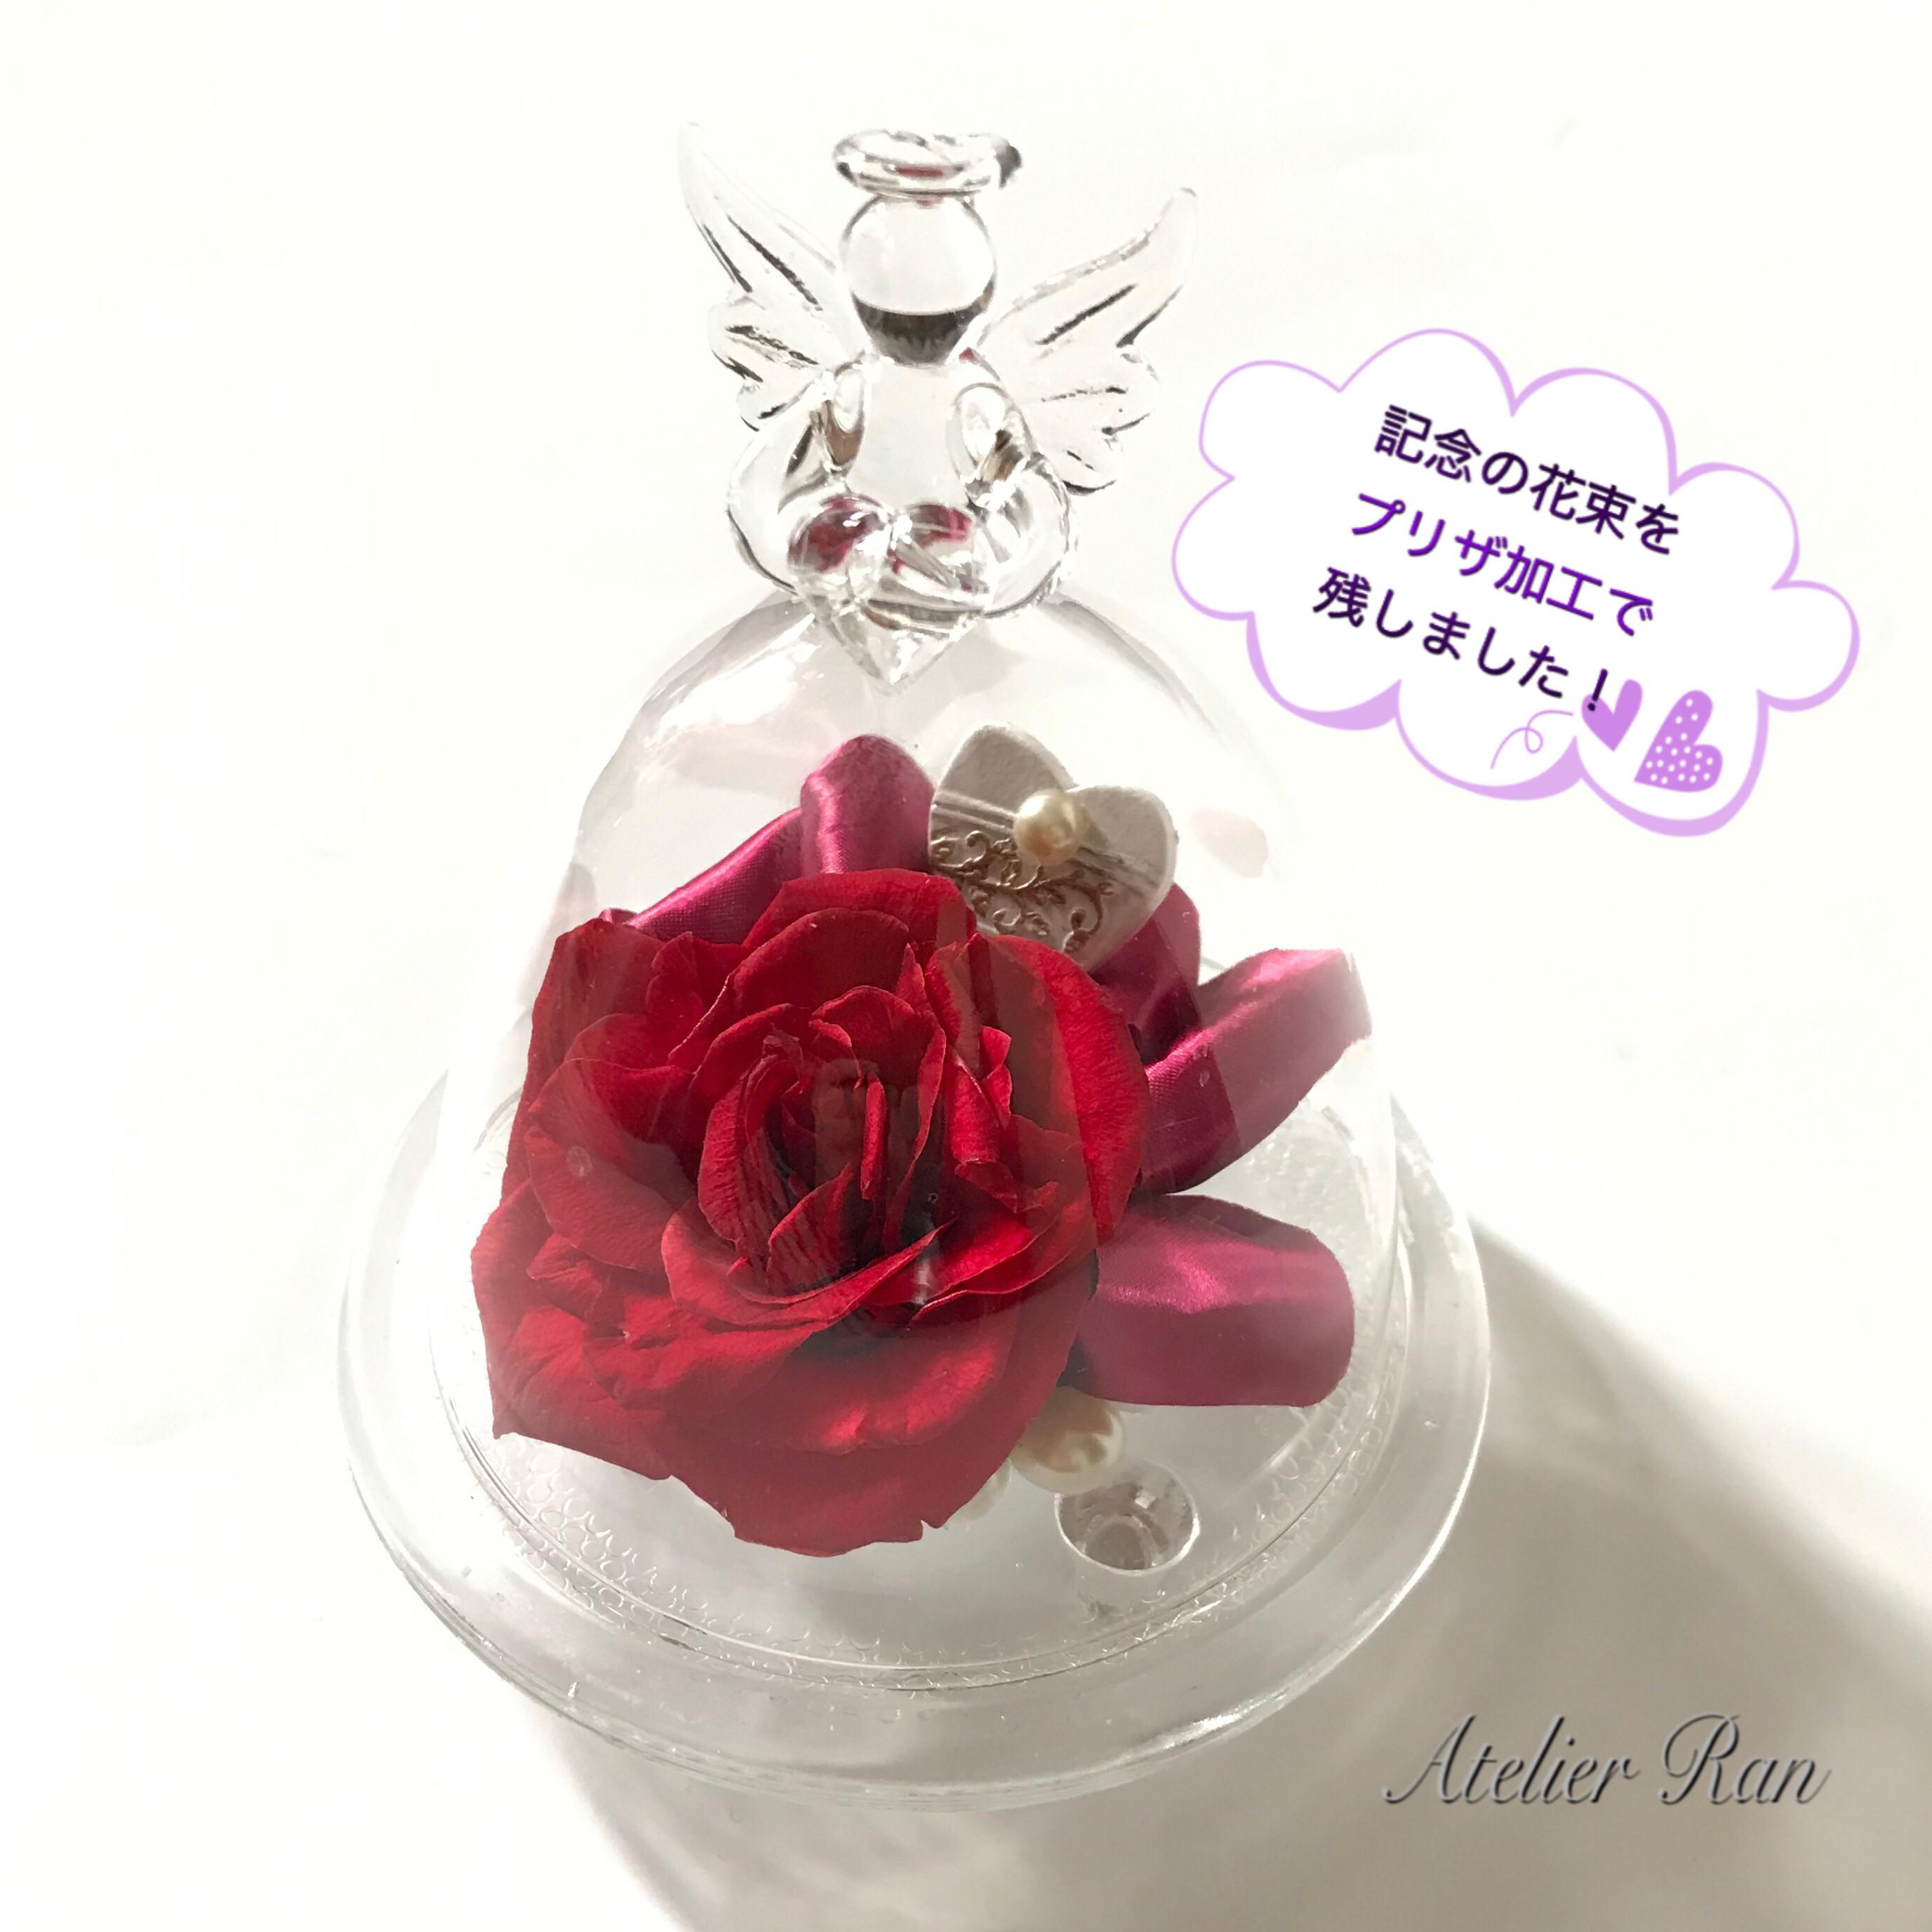 記念の花束をプリザーブドフラワーに!